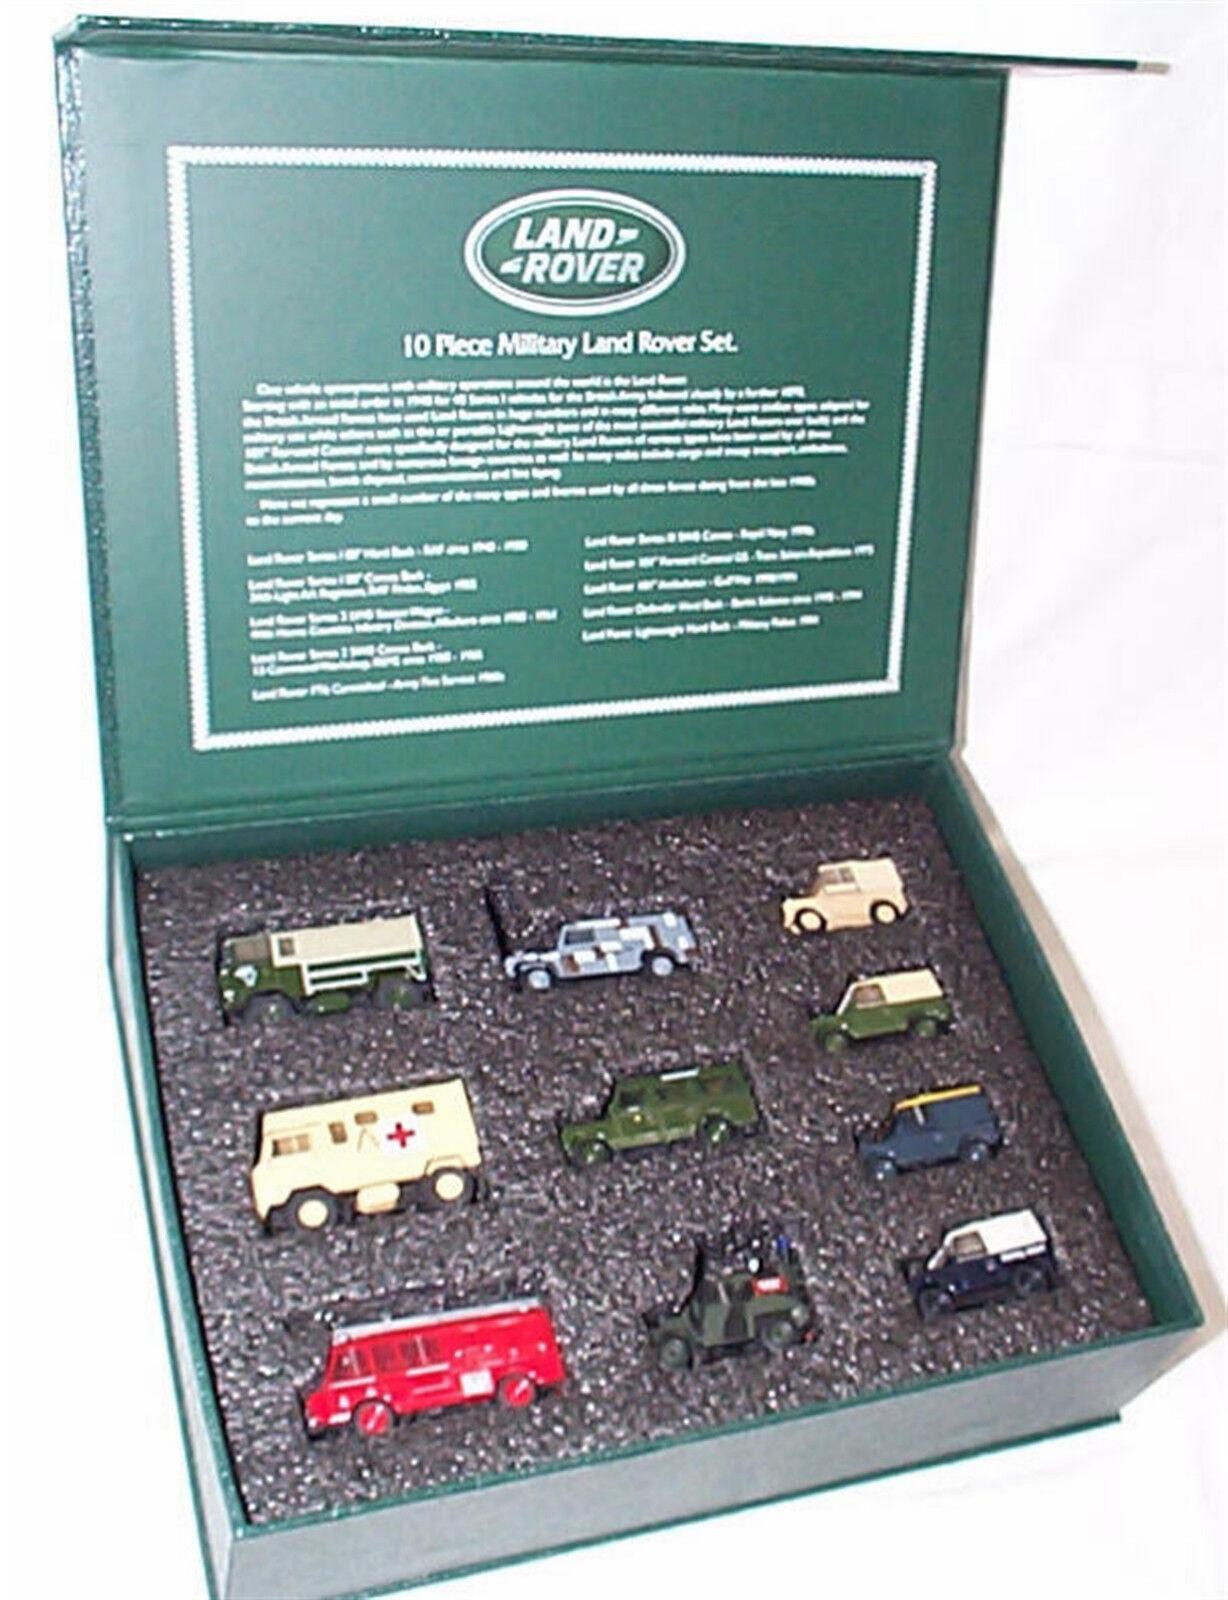 venta con alto descuento 10 10 10 Piezas Set Land Rover Militar Escala 1-76 Nuevo en Caja Dura 76Set57  venta directa de fábrica